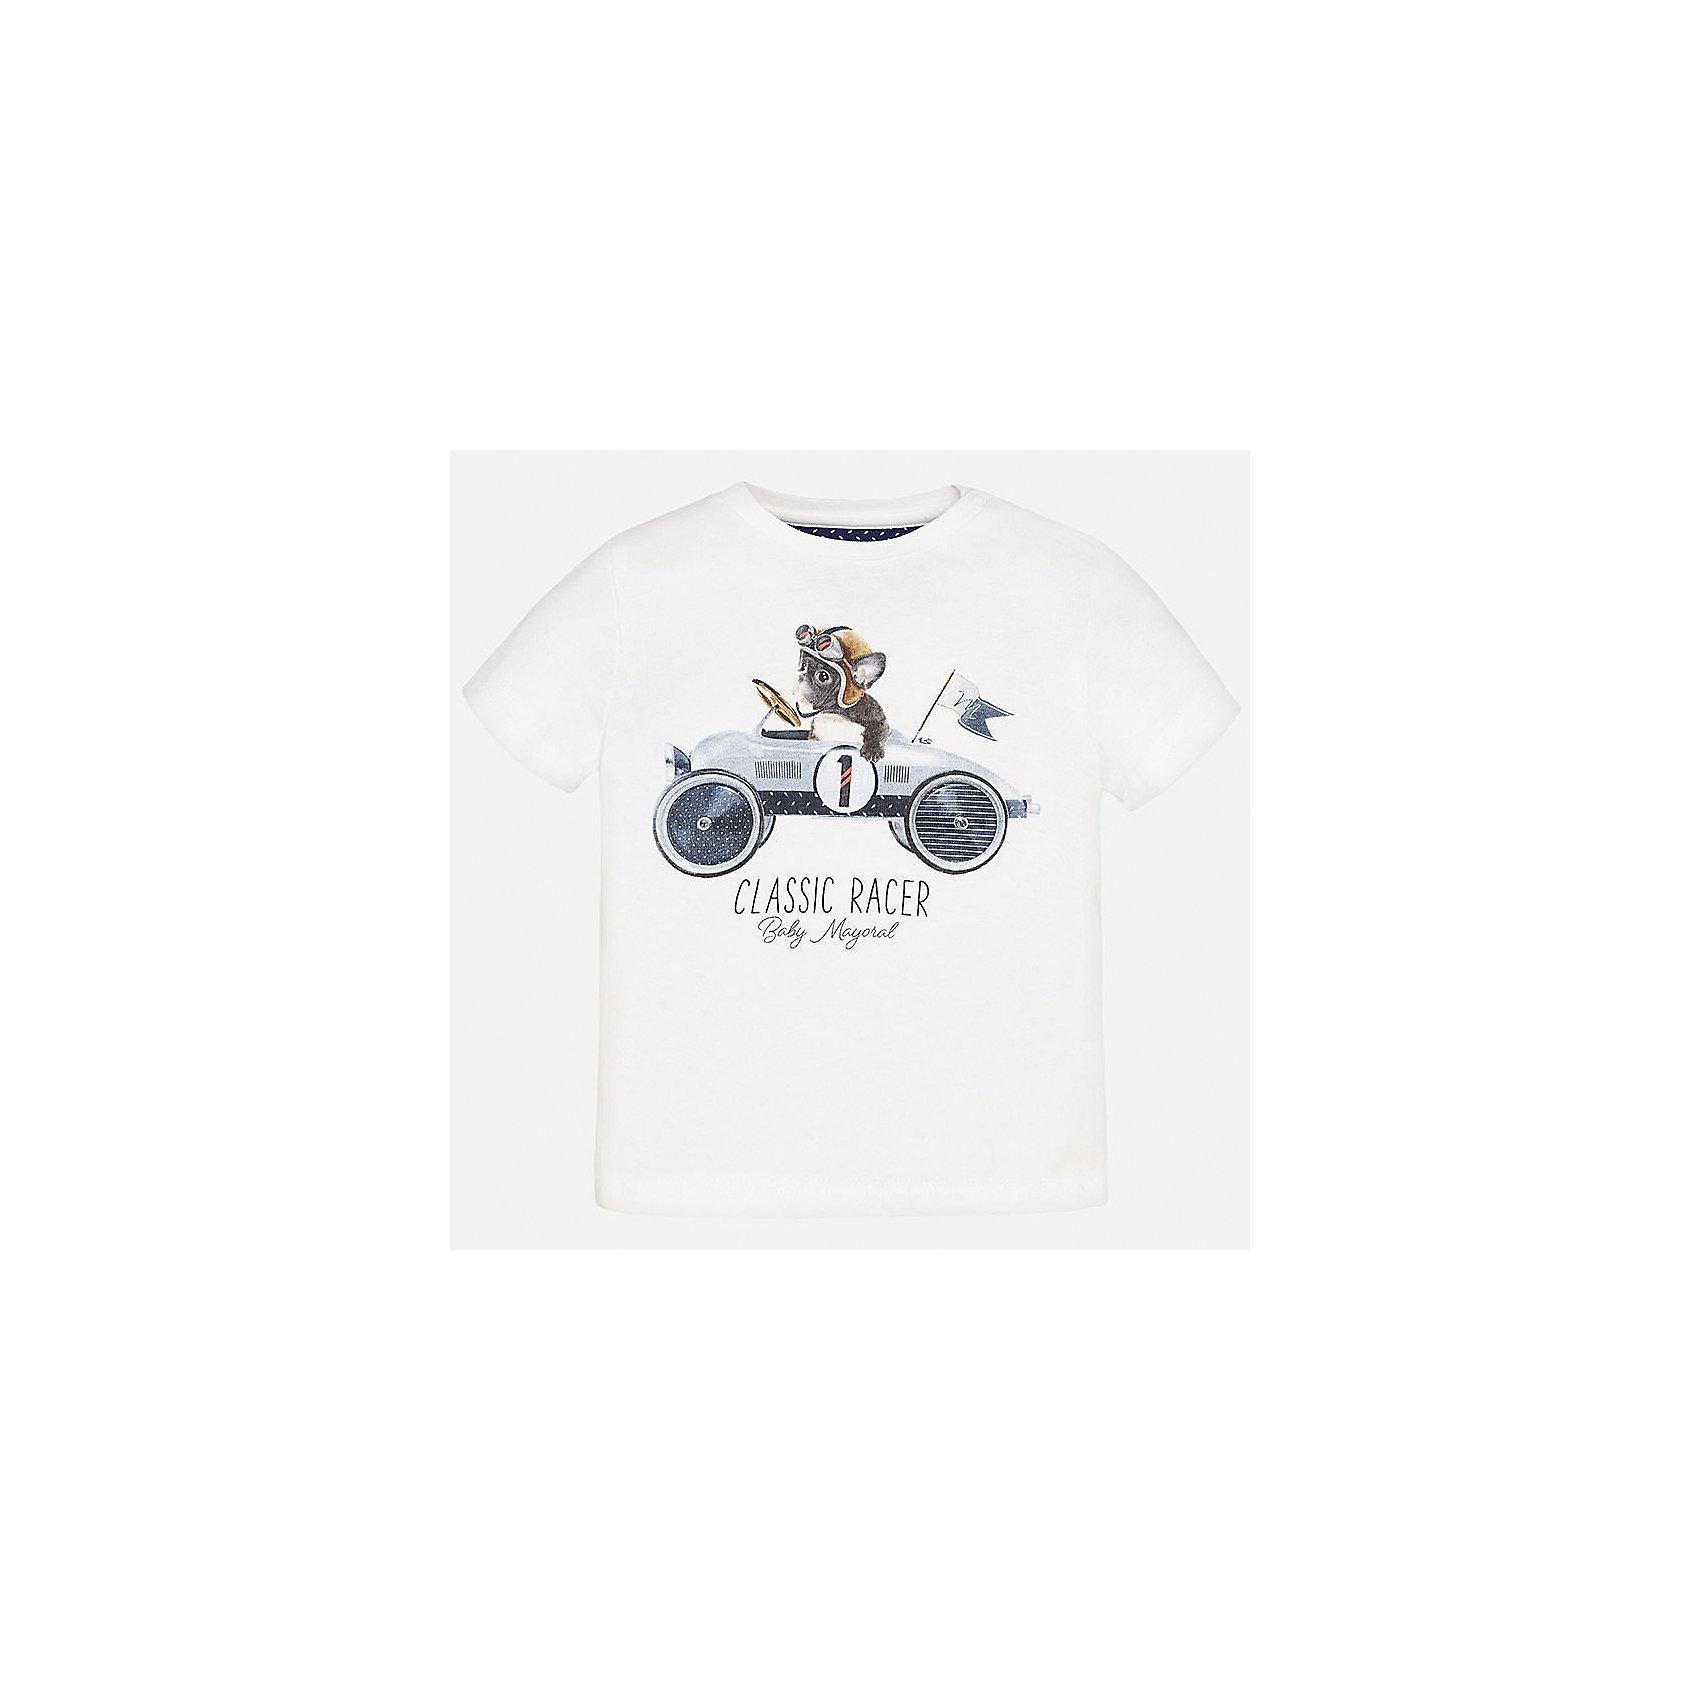 Футболка для мальчика MayoralФутболки, топы<br>Характеристики товара:<br><br>• цвет: белый<br>• состав: 100% хлопок<br>• круглый горловой вырез<br>• декорирована принтом<br>• короткие рукава<br>• мягкая отделка горловины<br>• страна бренда: Испания<br><br>Стильная удобная футболка с принтом поможет разнообразить гардероб мальчика. Она отлично сочетается с брюками, шортами, джинсами. Универсальный крой и цвет позволяет подобрать к вещи низ разных расцветок. Практичное и стильное изделие! Хорошо смотрится и комфортно сидит на детях. В составе материала - натуральный хлопок, гипоаллергенный, приятный на ощупь, дышащий. <br><br>Одежда, обувь и аксессуары от испанского бренда Mayoral полюбились детям и взрослым по всему миру. Модели этой марки - стильные и удобные. Для их производства используются только безопасные, качественные материалы и фурнитура. Порадуйте ребенка модными и красивыми вещами от Mayoral! <br><br>Футболку для мальчика от испанского бренда Mayoral (Майорал) можно купить в нашем интернет-магазине.<br><br>Ширина мм: 199<br>Глубина мм: 10<br>Высота мм: 161<br>Вес г: 151<br>Цвет: белый<br>Возраст от месяцев: 12<br>Возраст до месяцев: 15<br>Пол: Мужской<br>Возраст: Детский<br>Размер: 80,74,92,86<br>SKU: 5278377